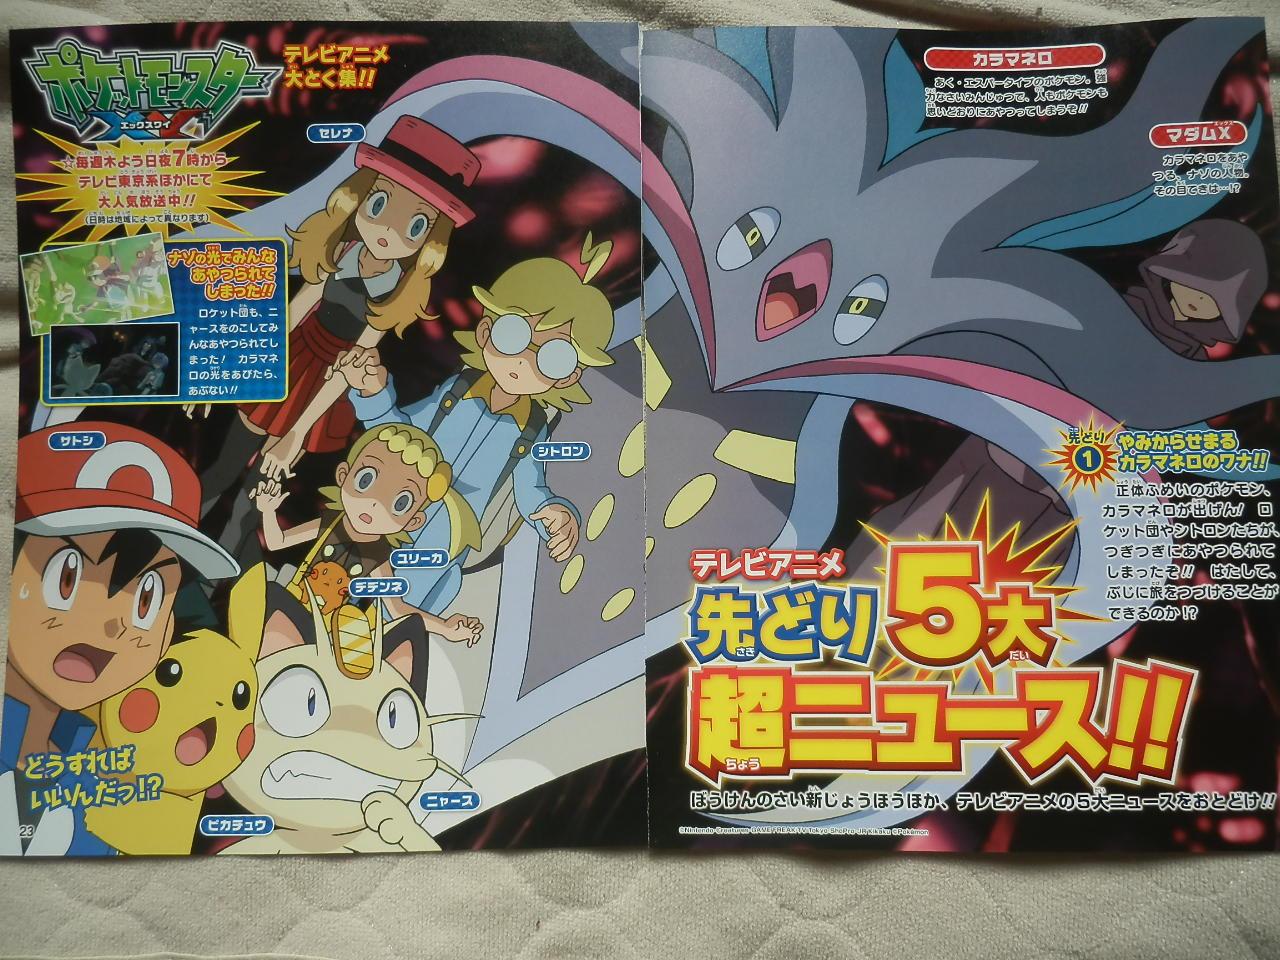 Pokémon_Fan_issue_34_p23